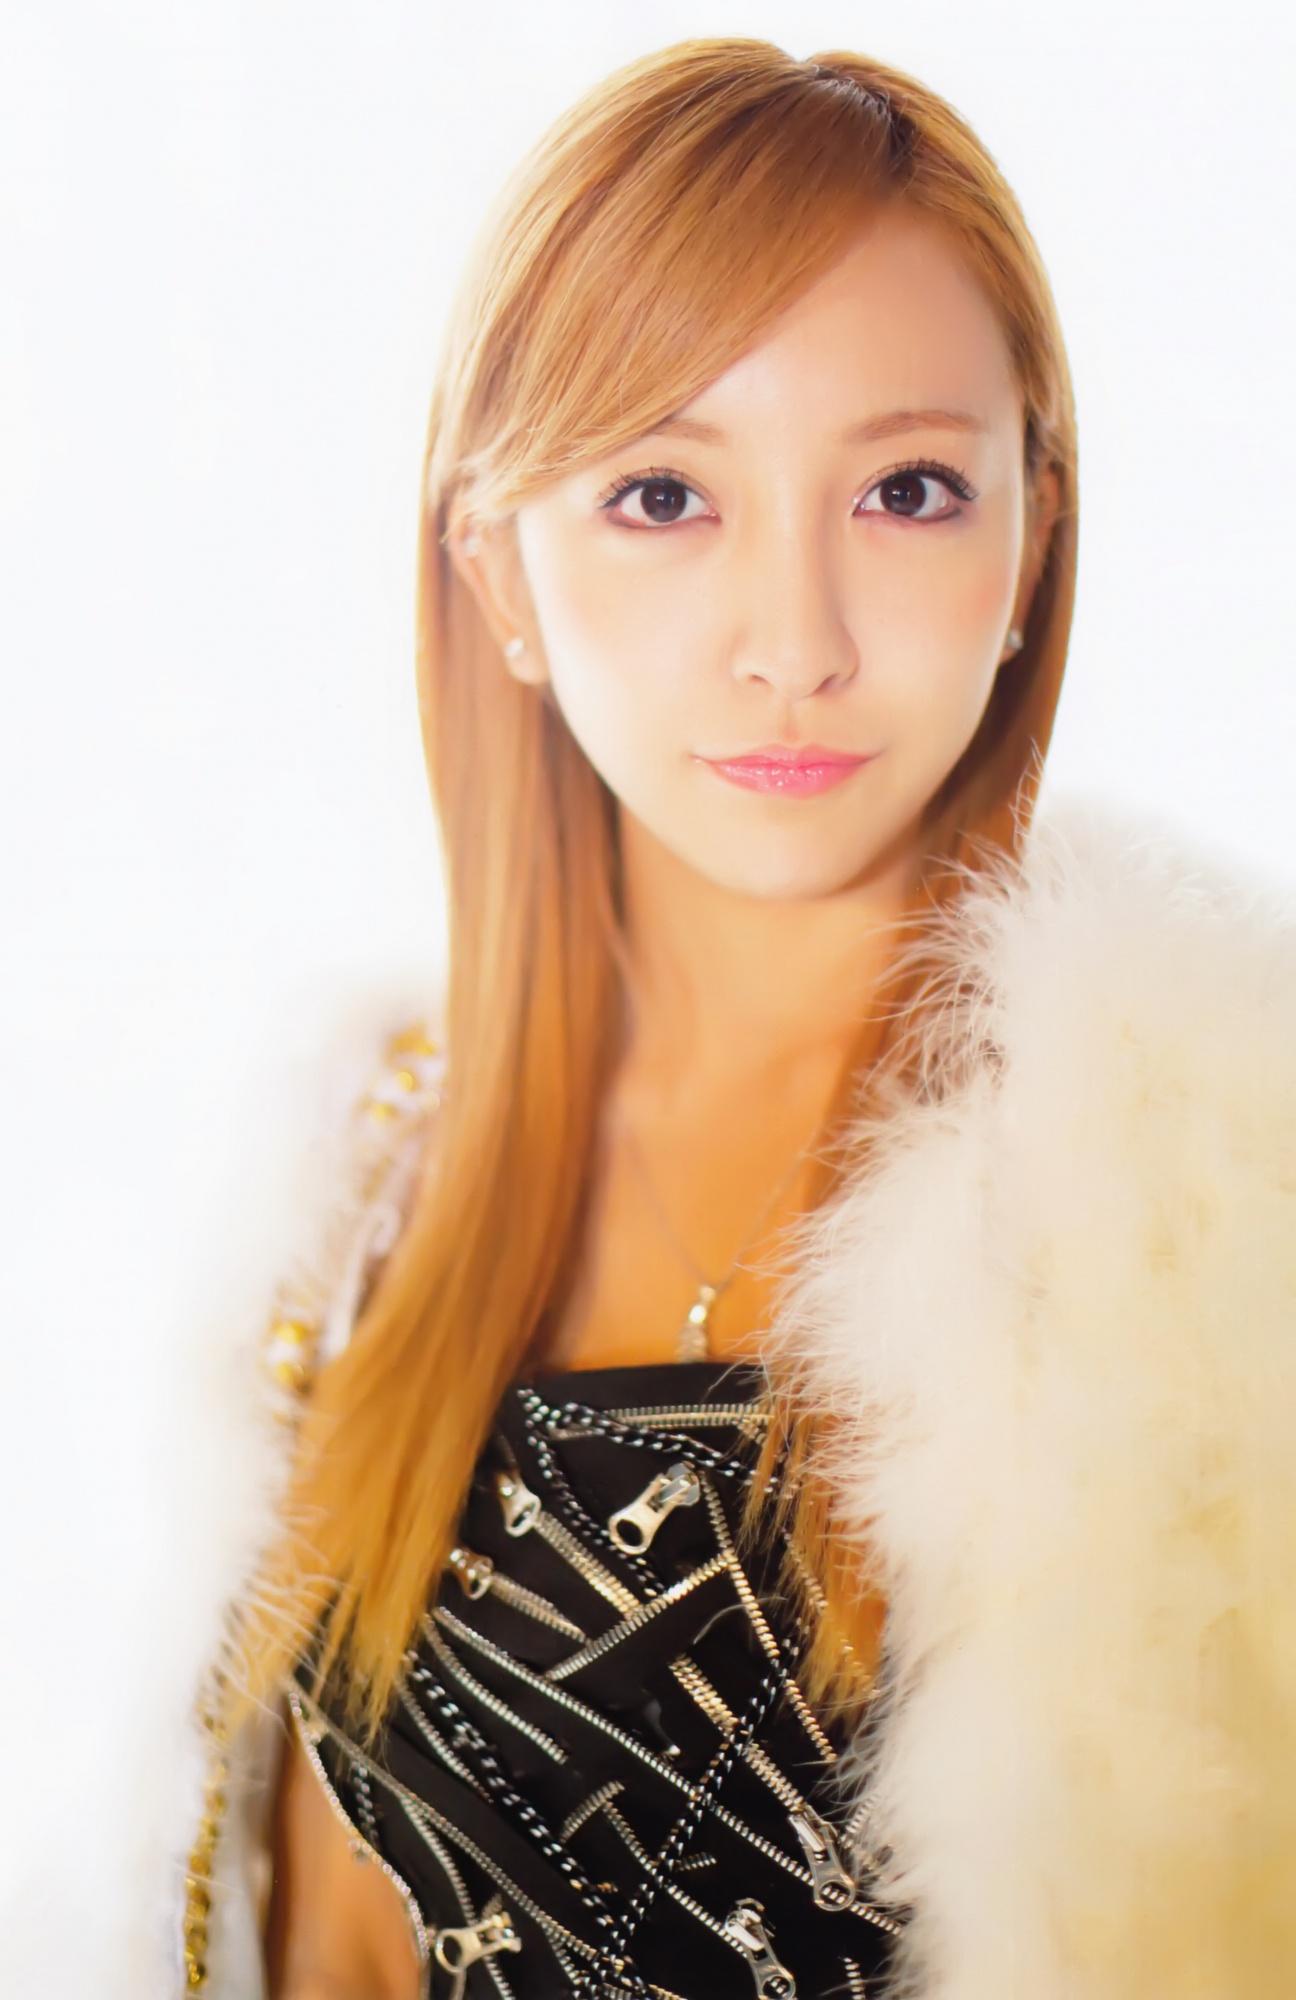 Tomomi Itano 33610 Asiachan